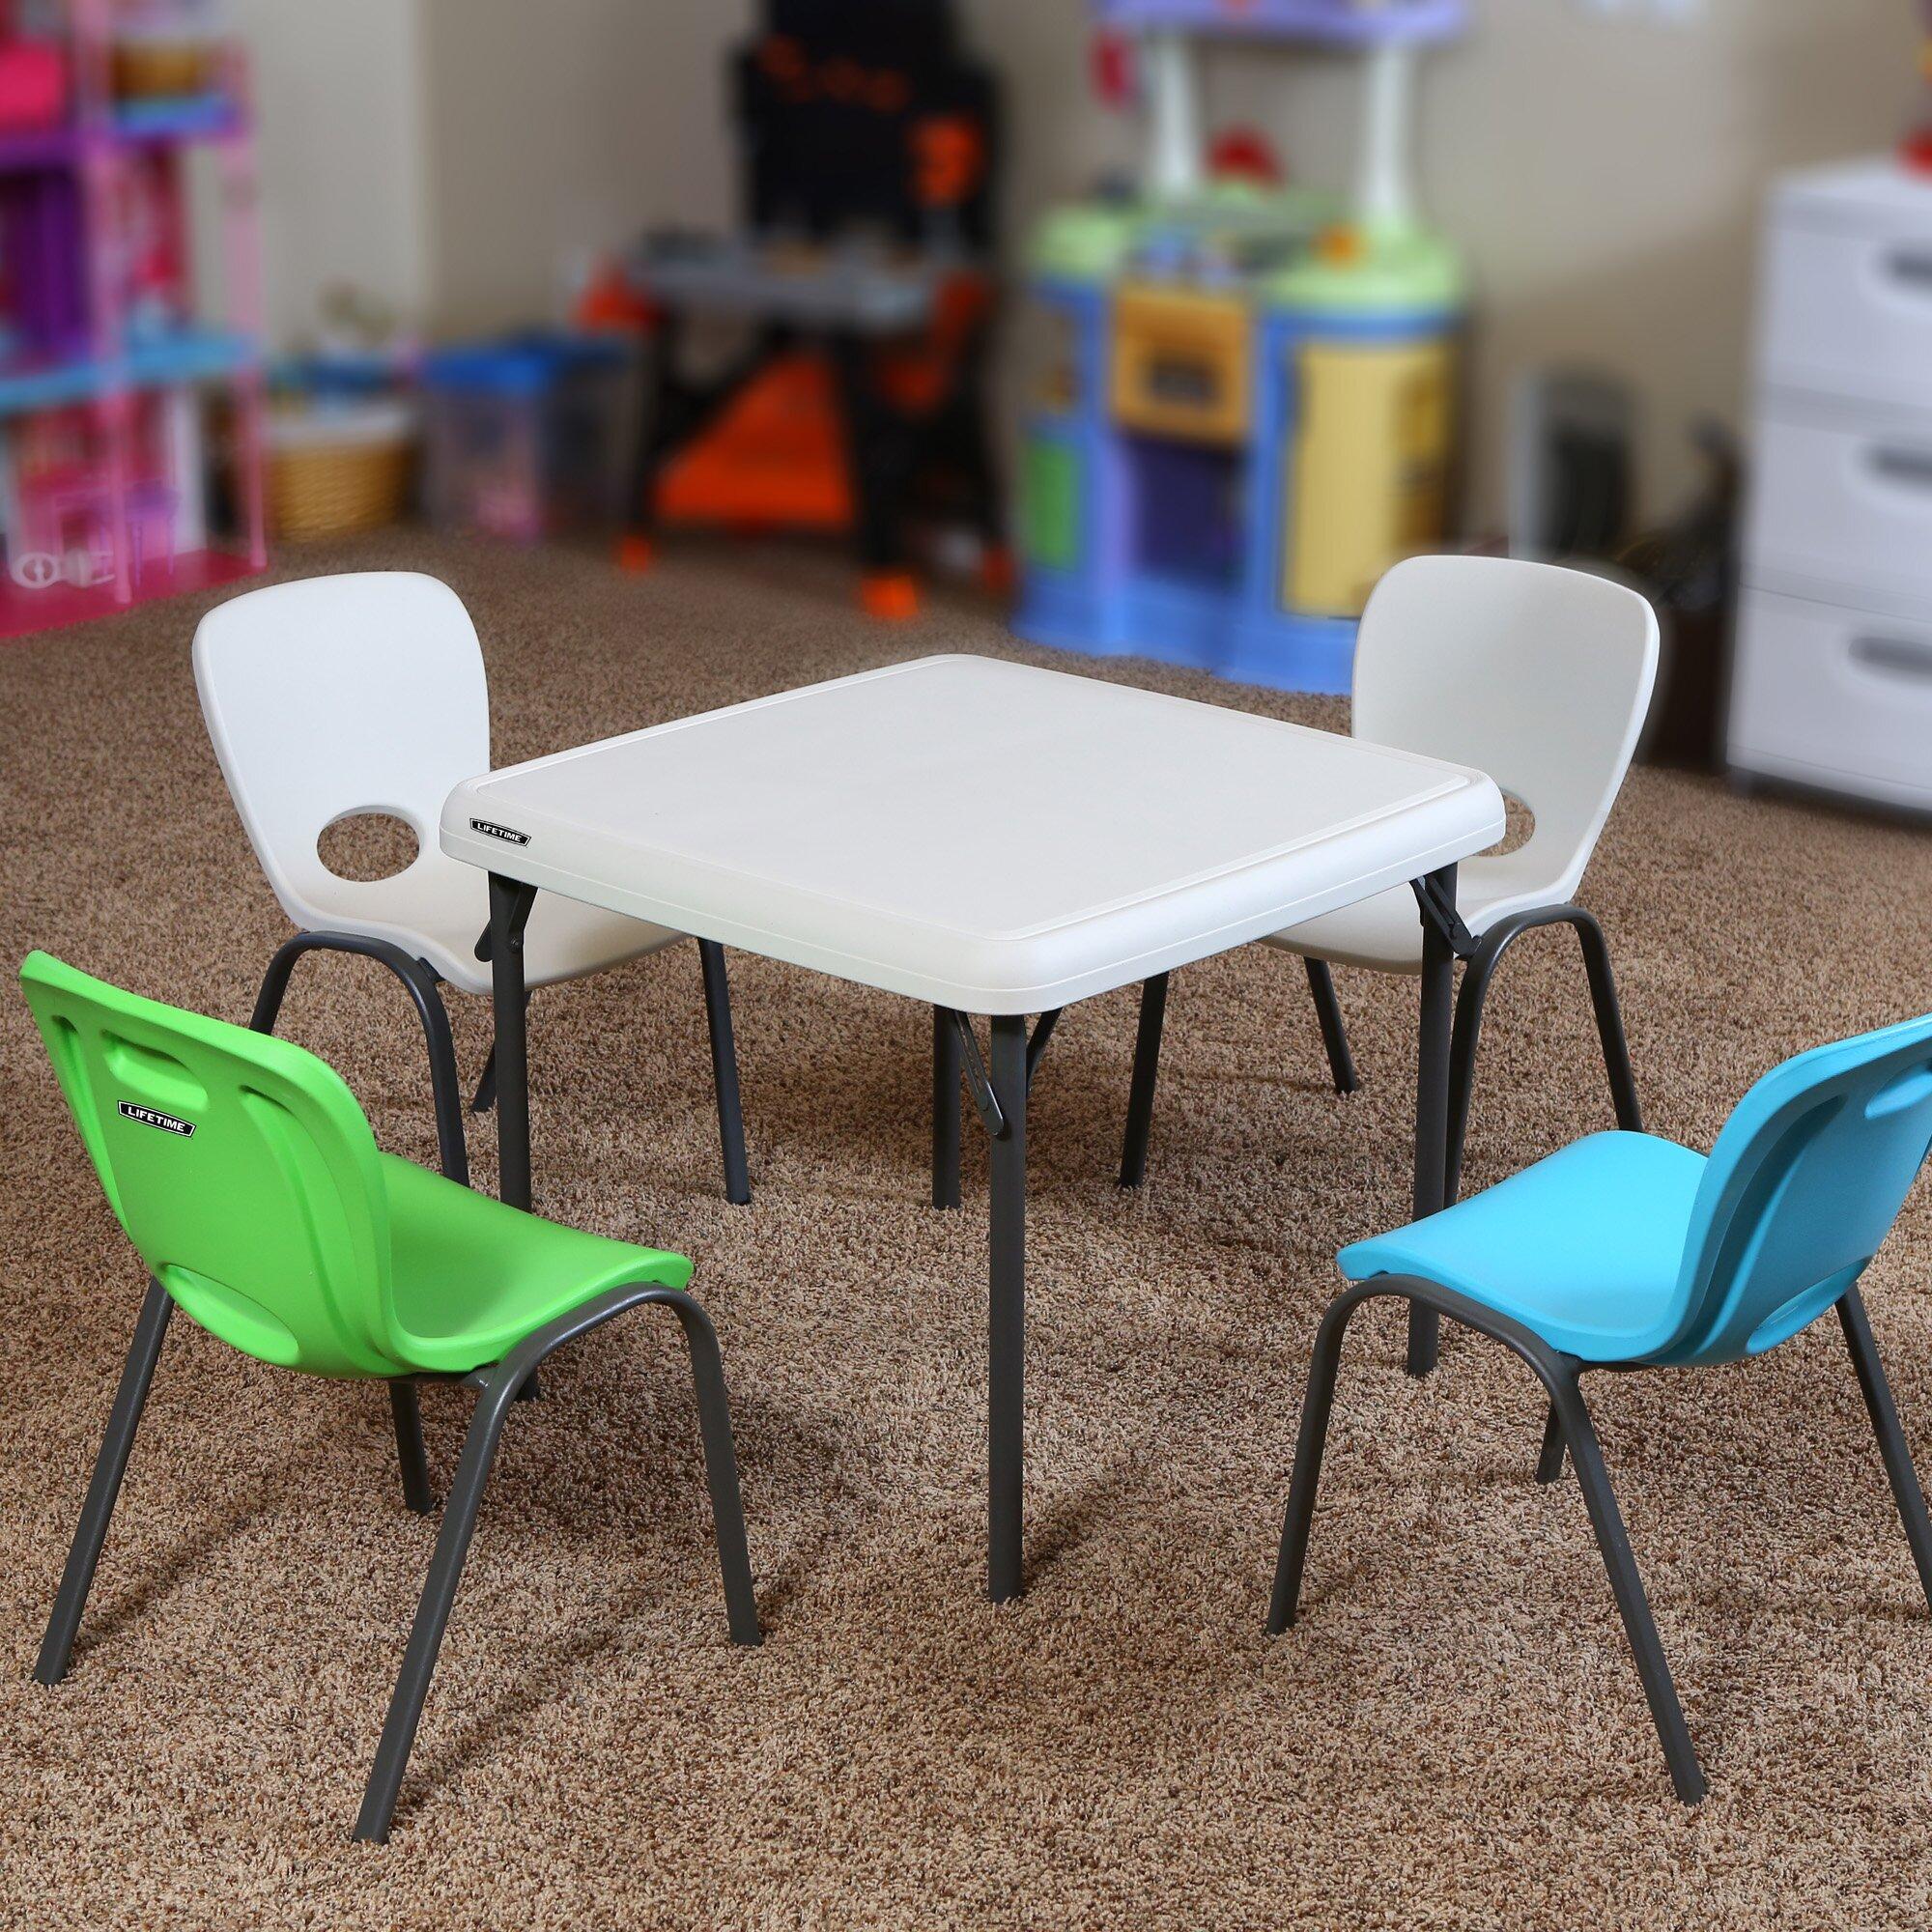 Square folding tables - 24 Square Folding Table